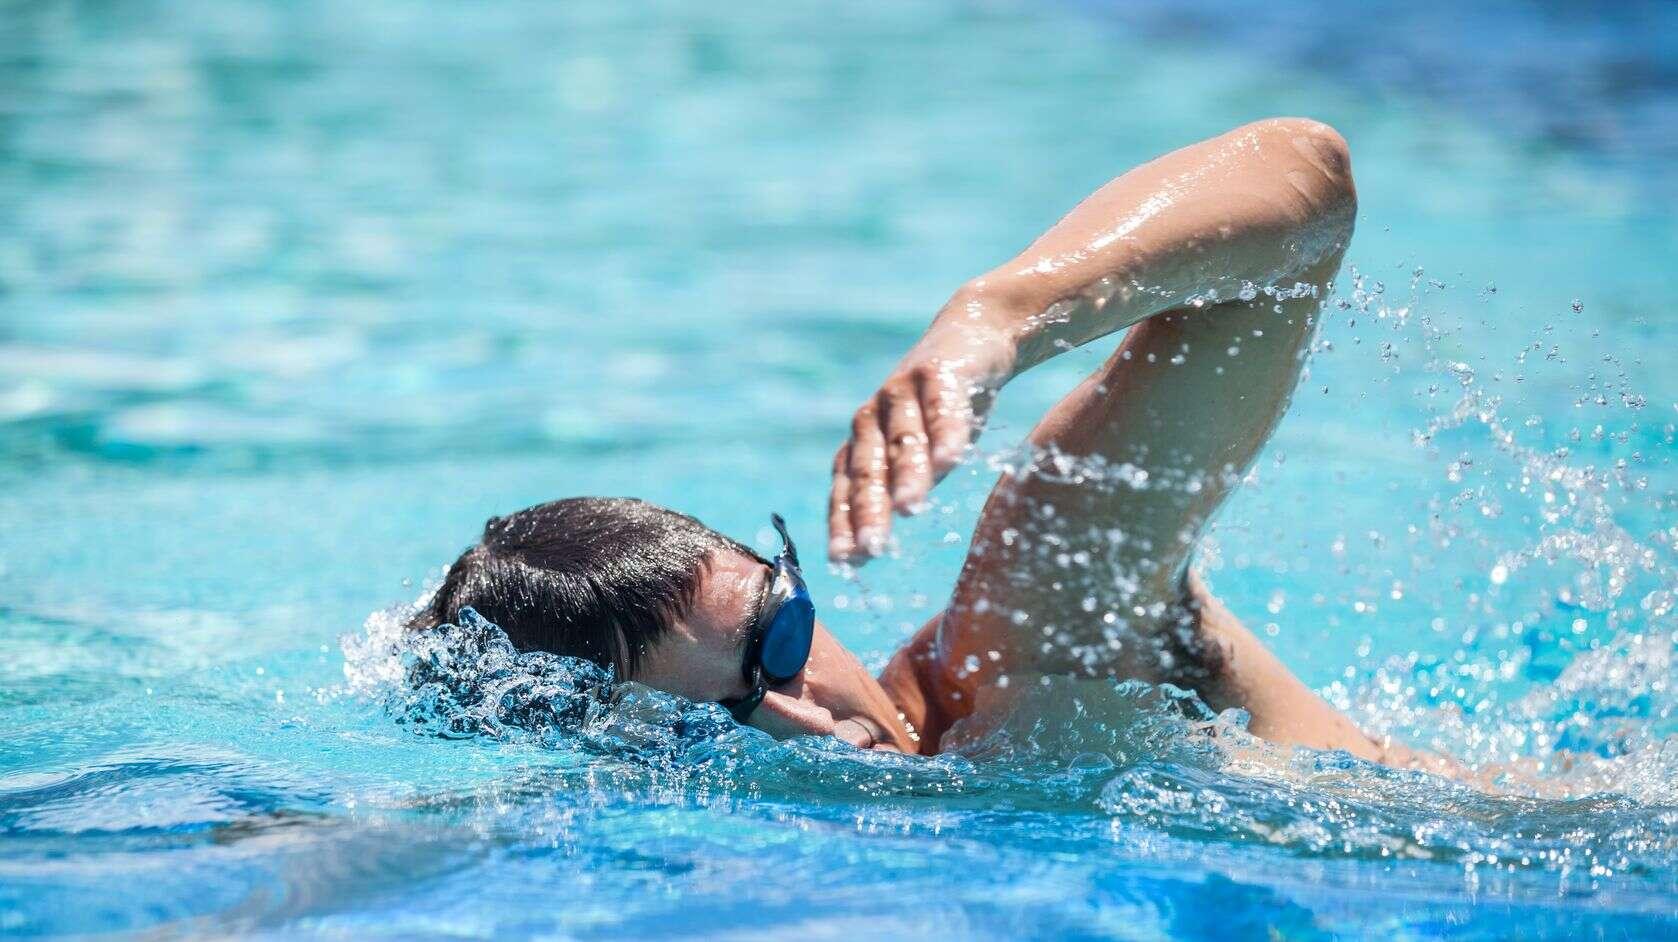 Ein Mann mit Schwimmbrille schwimmt in einem Schwimmbecken im Vorwärts-Kraulstil